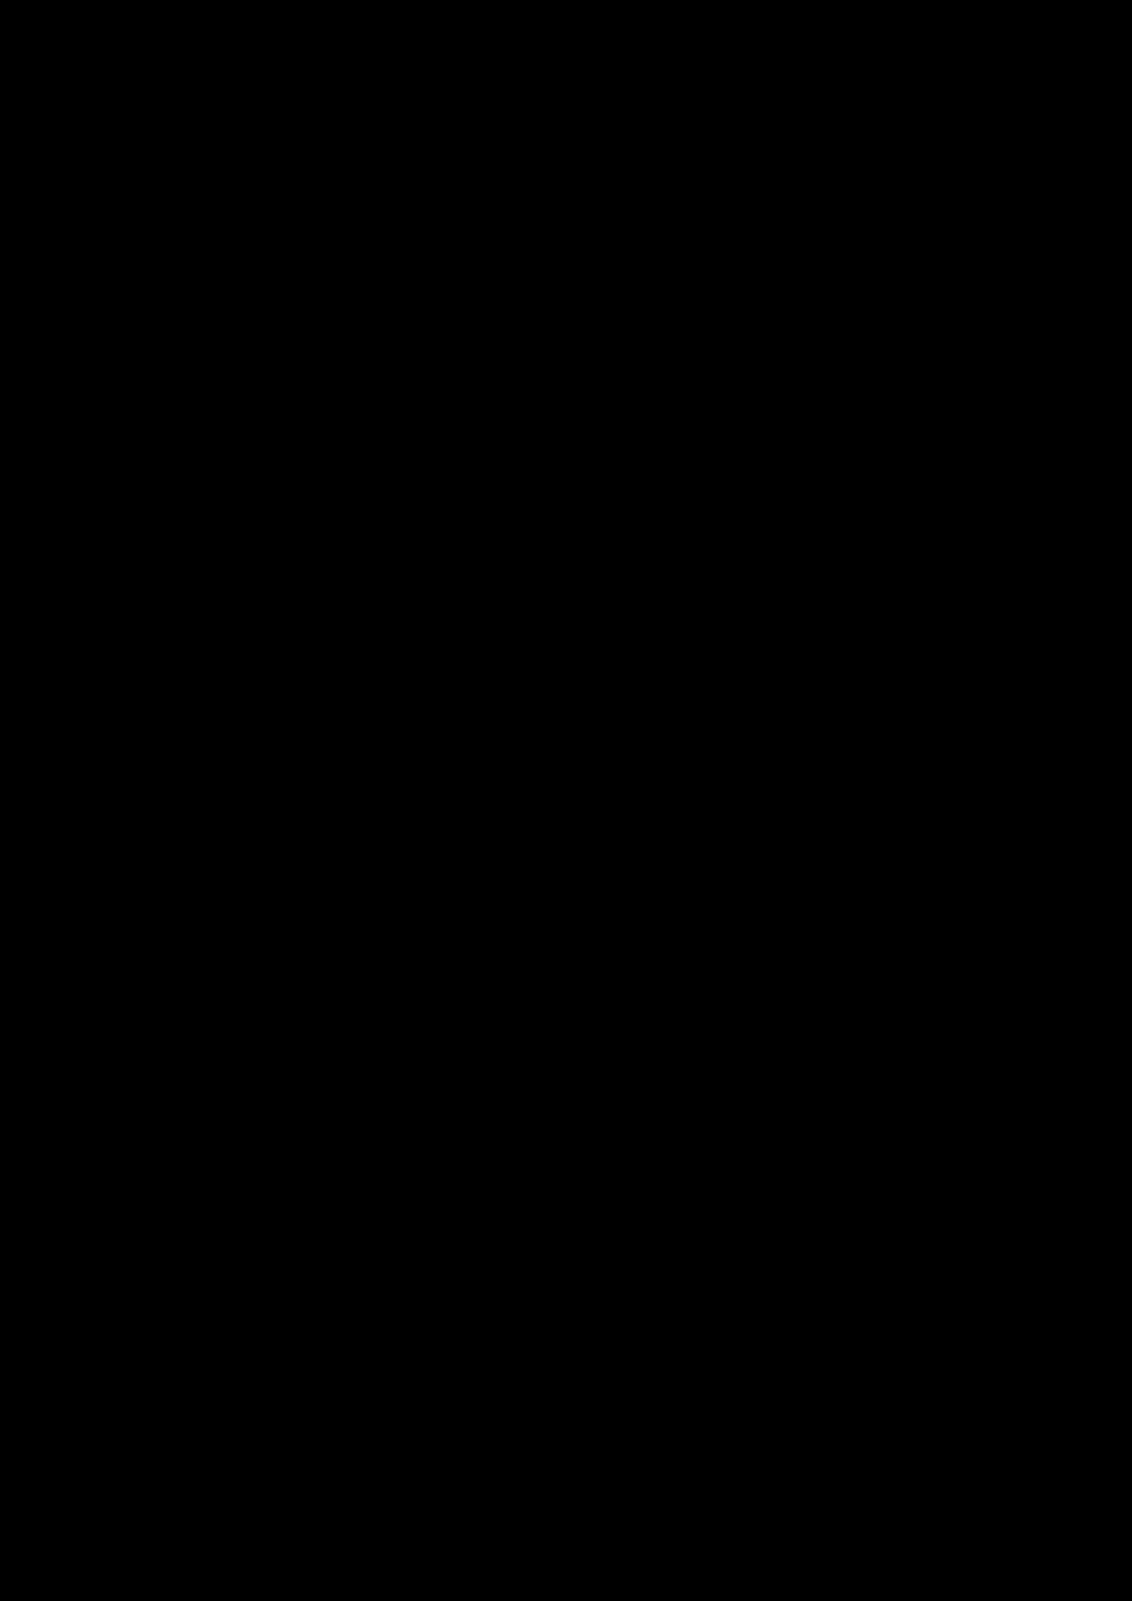 Proschanie s volshebnoy stranoy slide, Image 83